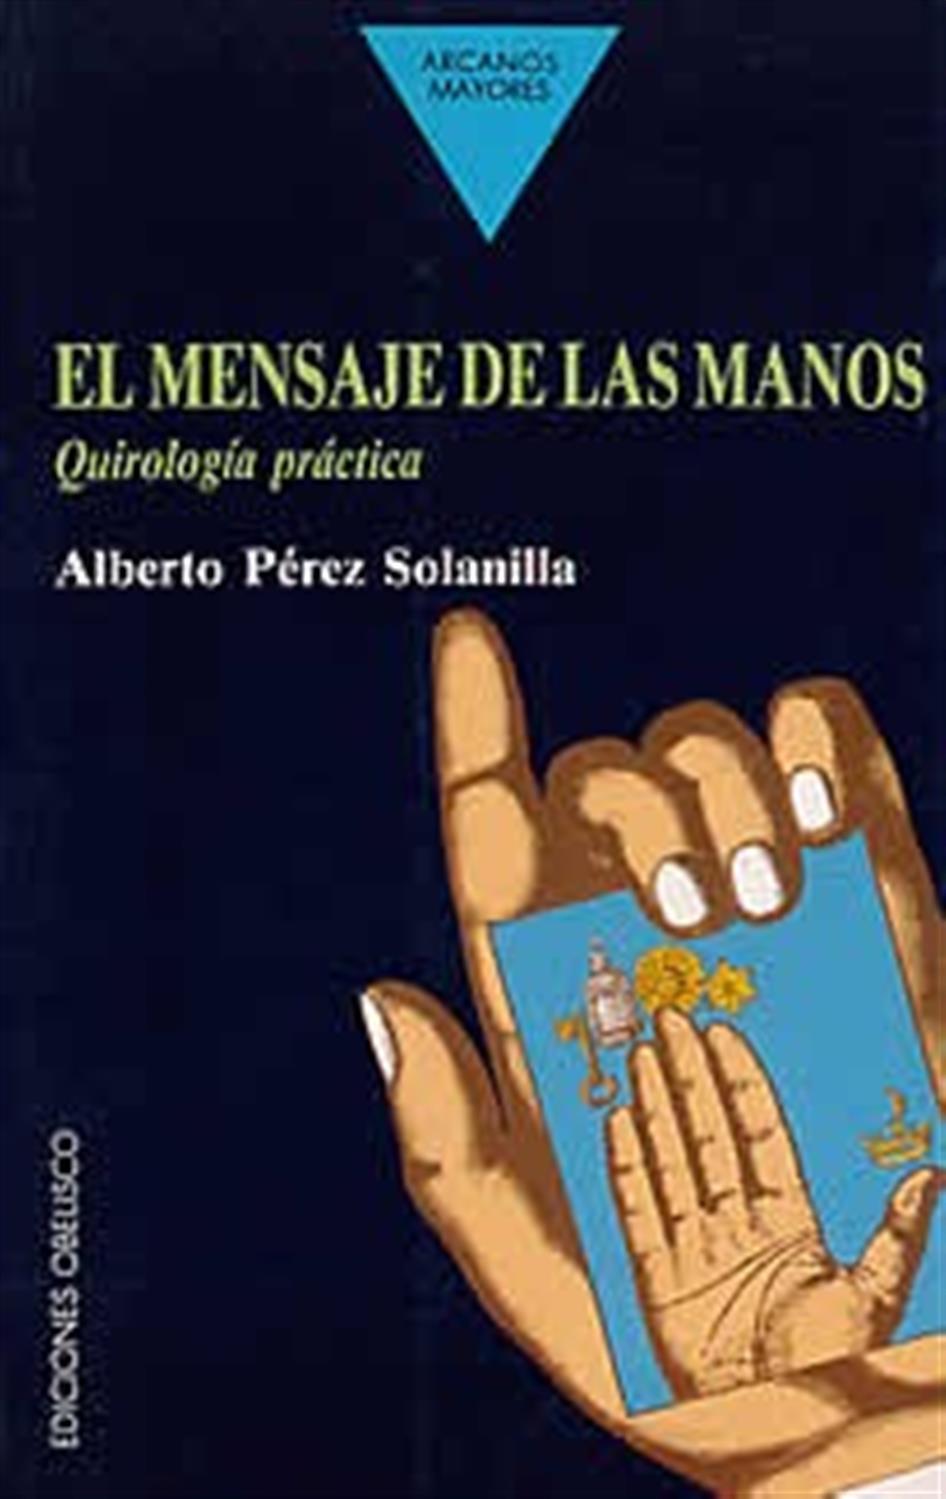 El mensaje de las manos -Quirología práctica